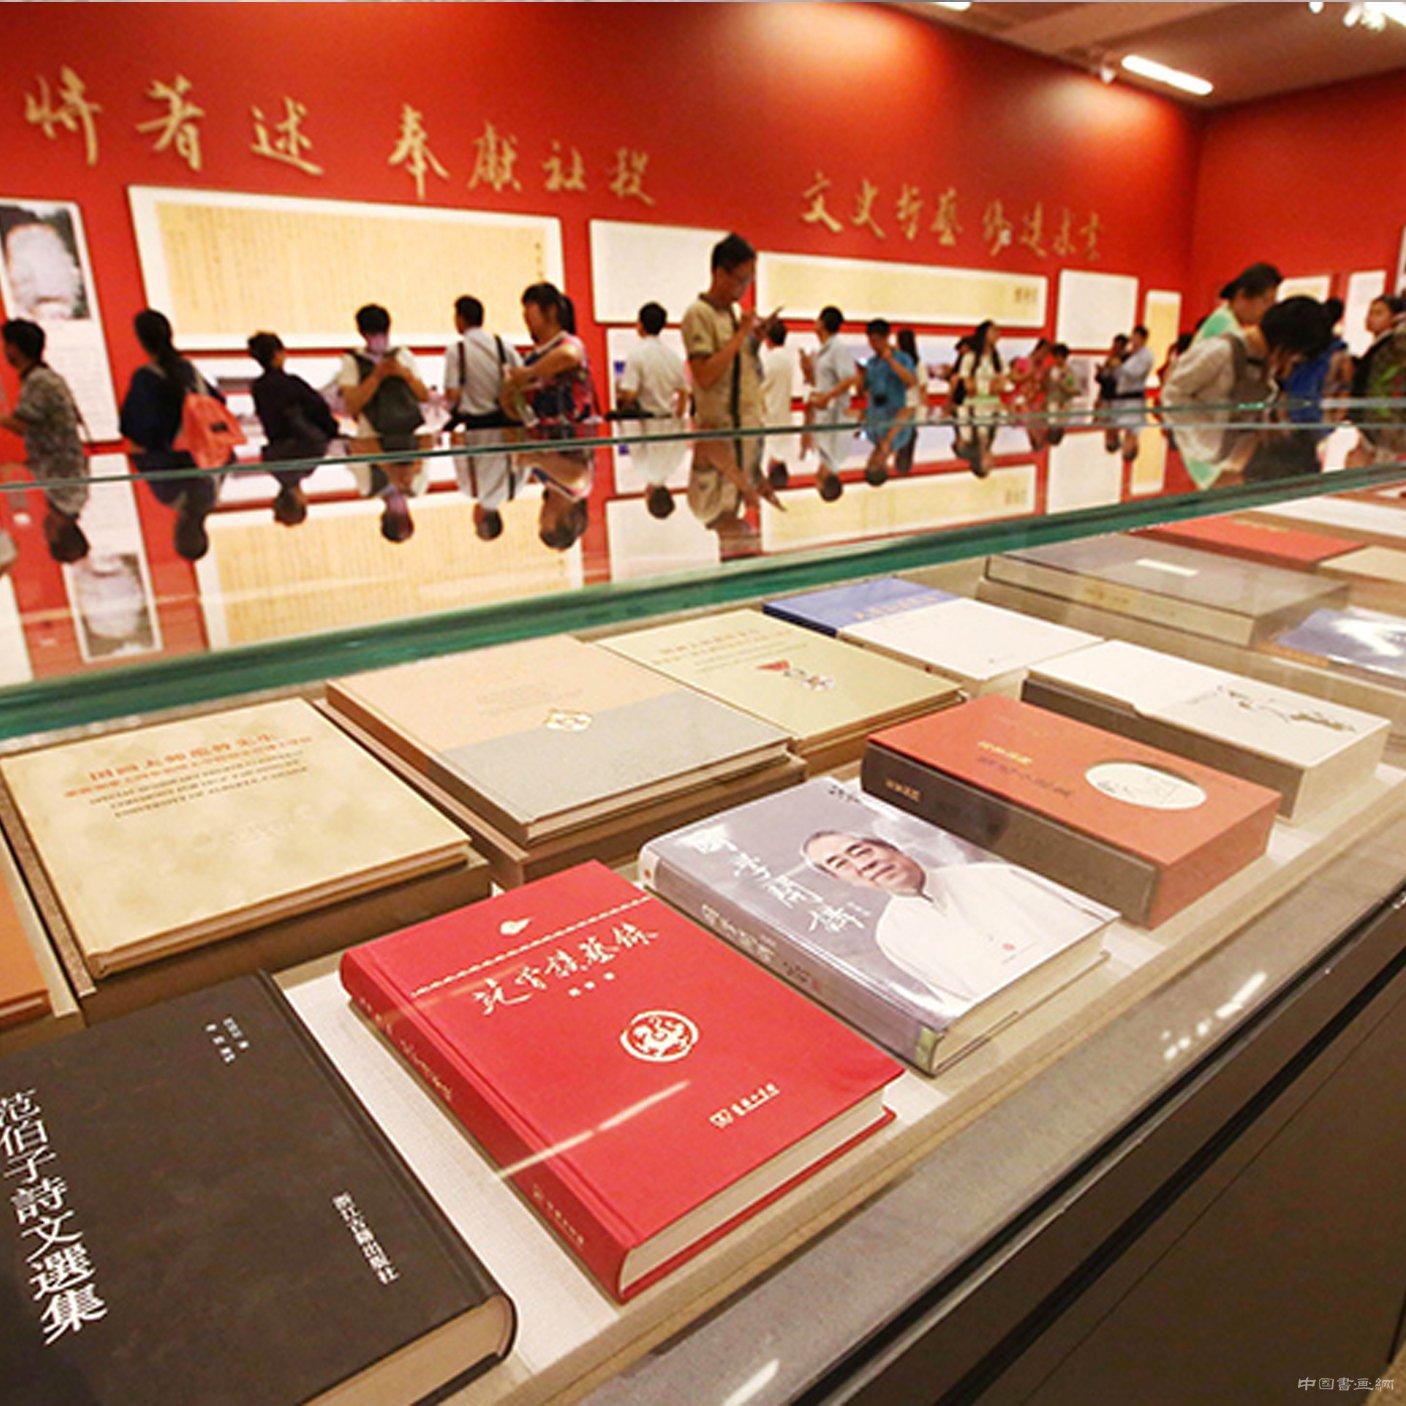 大胆90后/吐槽国家博物馆范曾八秩展览